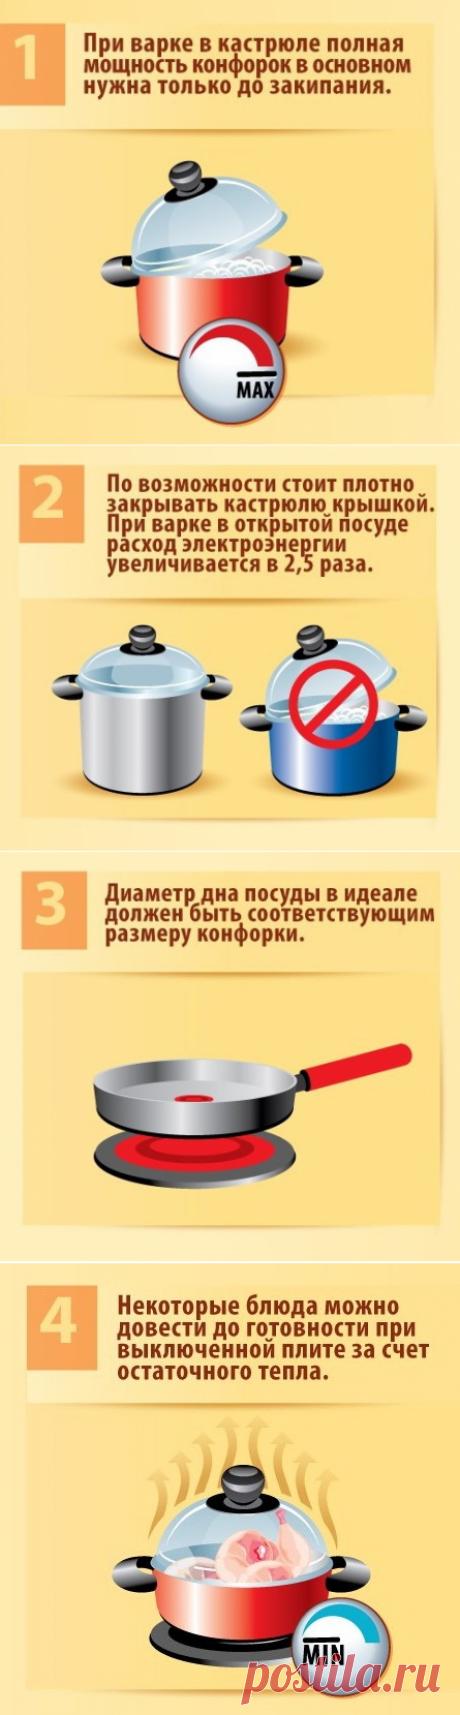 Используем электроплиту экономно — Полезные советы